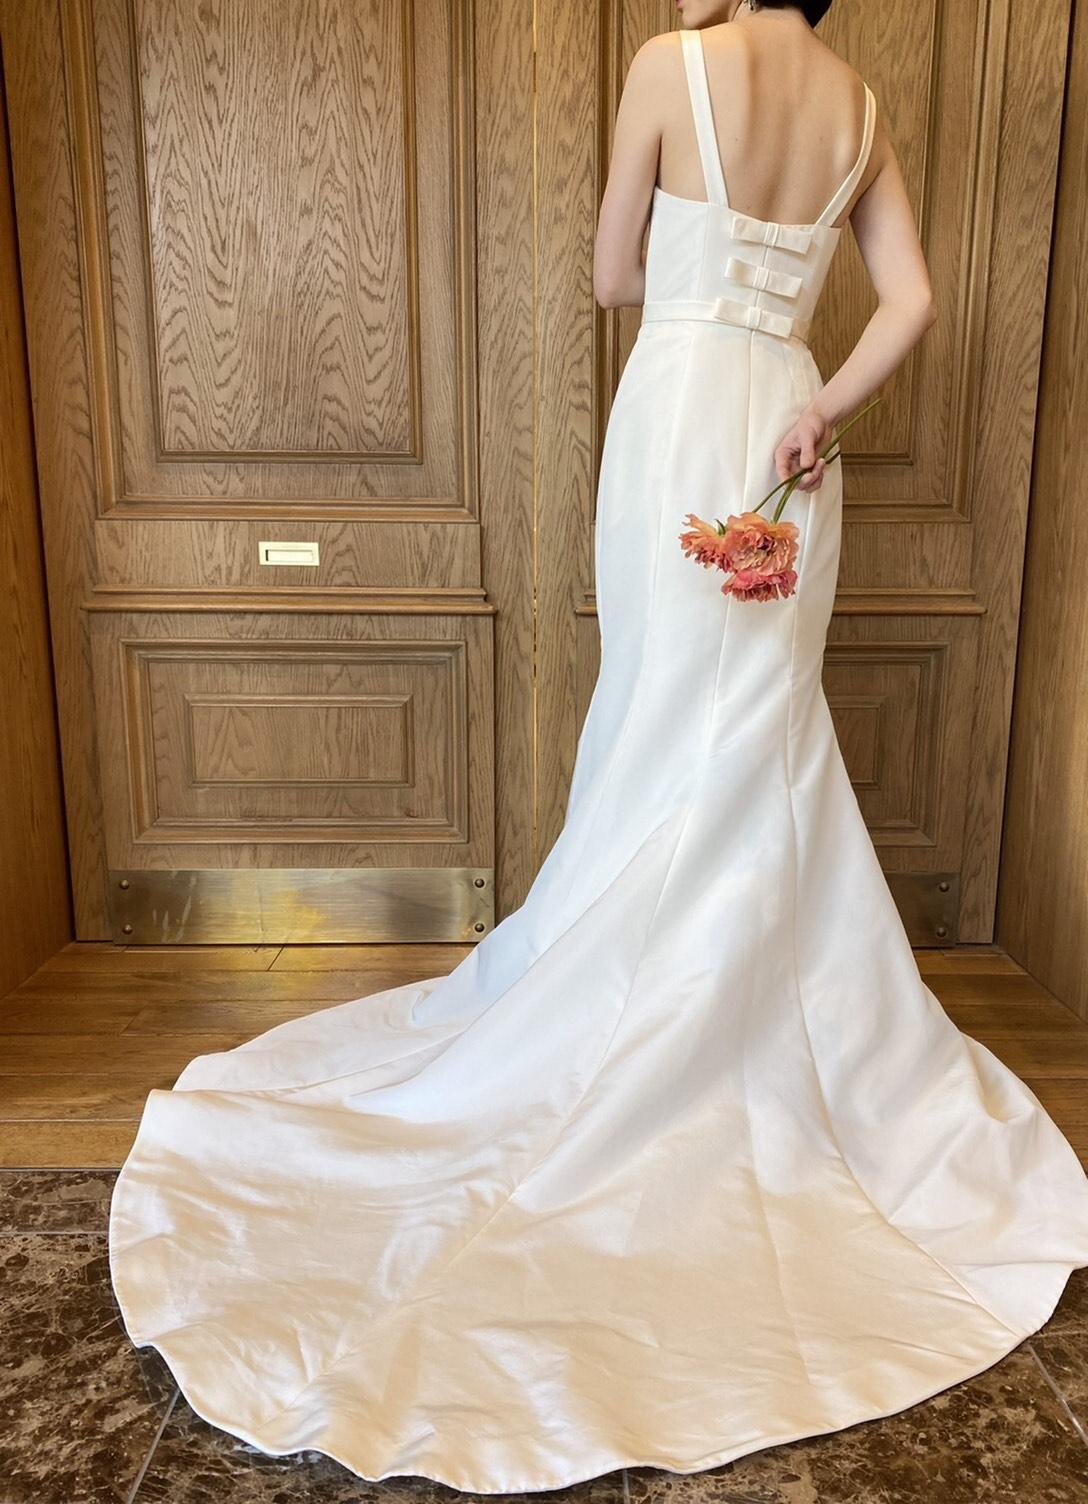 アムサーラのマーメイドラインファイユの素材が軽やかなウェディングドレス